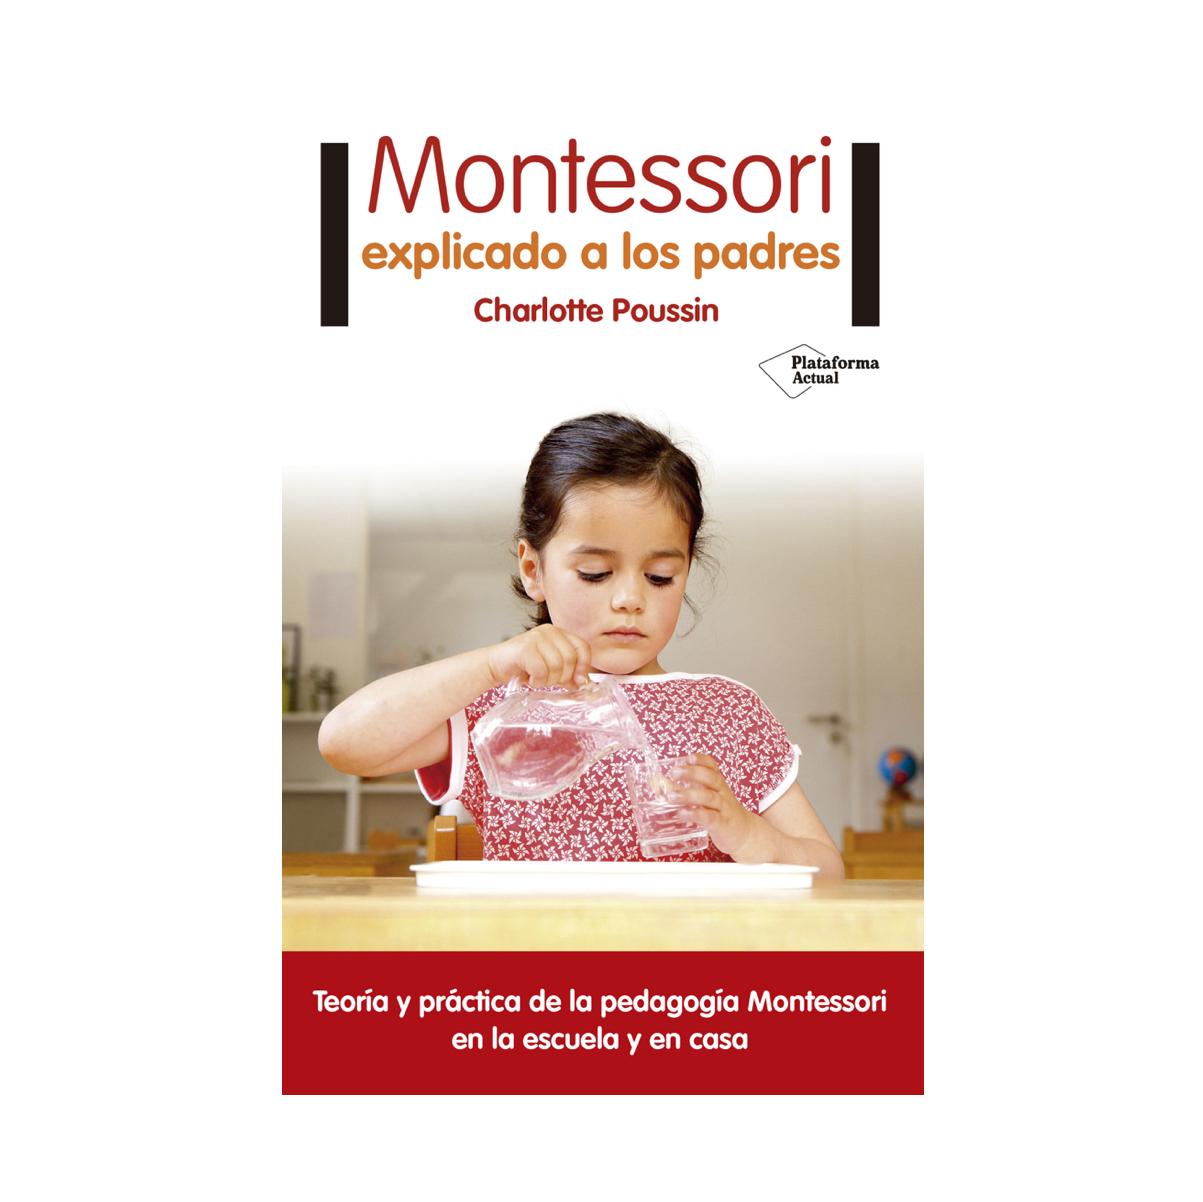 montessori-explicado-a-los-apdres-de-plataforma-editorial-en-el-mundo-de-mico